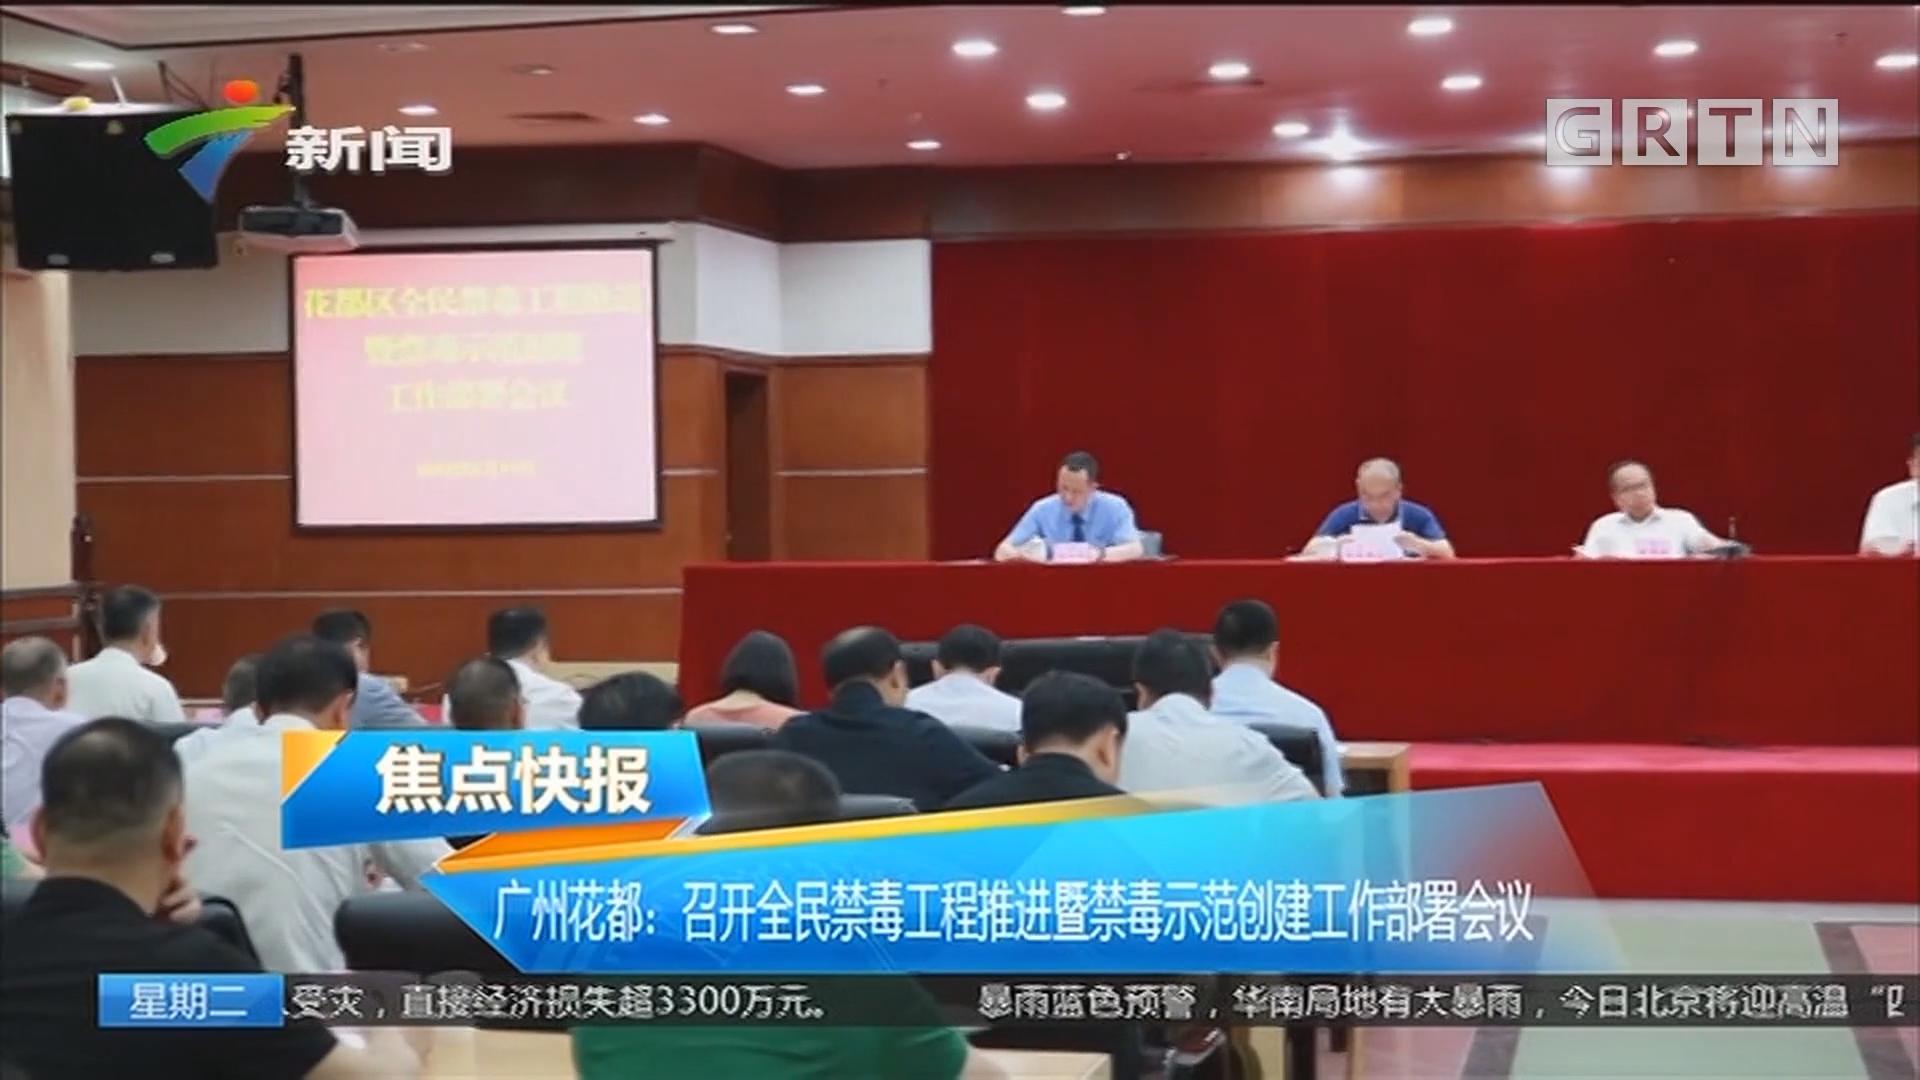 广州花都:召开全民禁毒工程推进暨禁毒示范创建工作部署会议